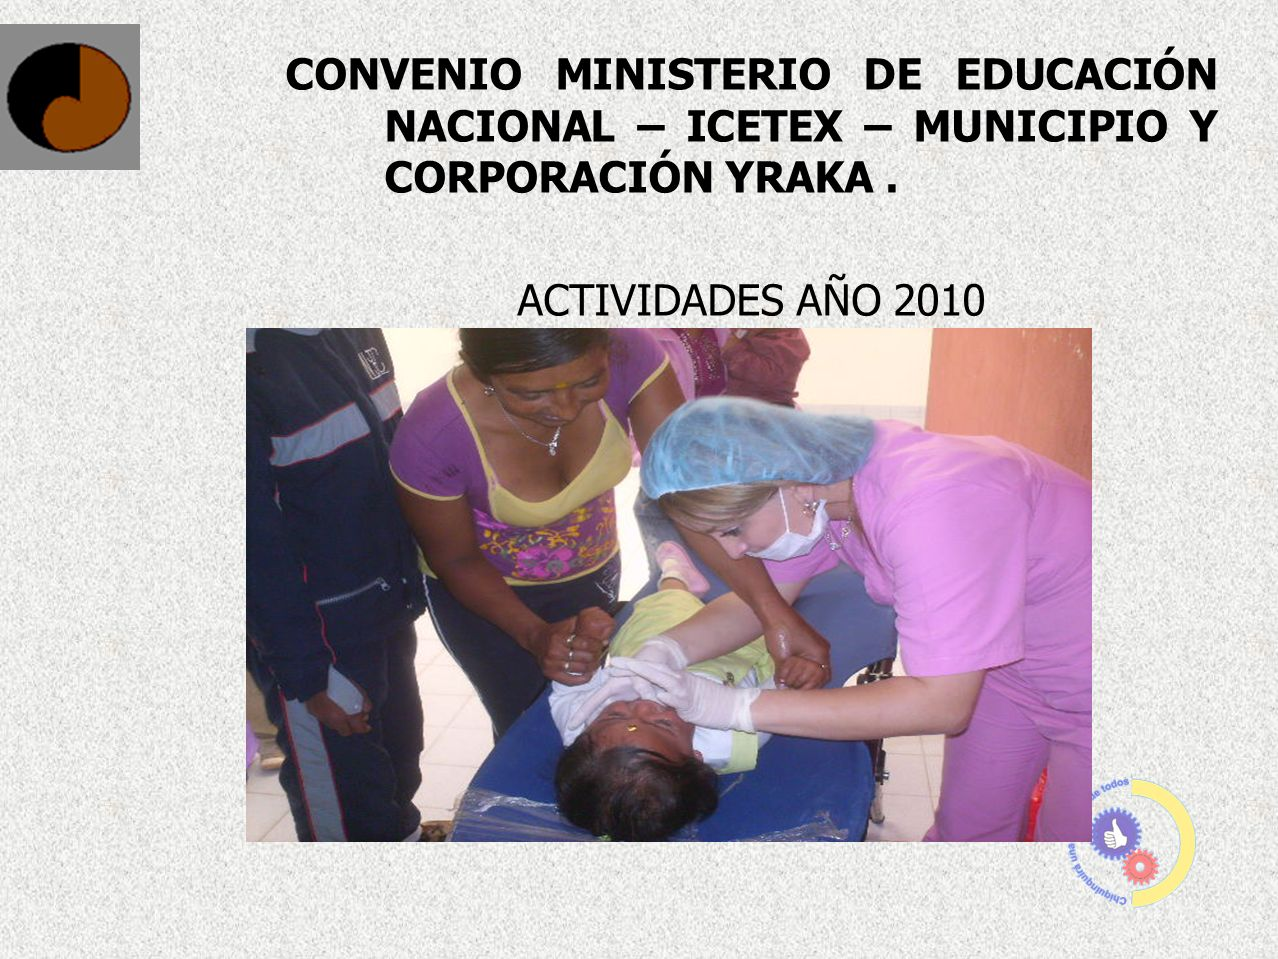 CONVENIO MINISTERIO DE EDUCACIÓN NACIONAL – ICETEX – MUNICIPIO Y CORPORACIÓN YRAKA. ACTIVIDADES AÑO 2010